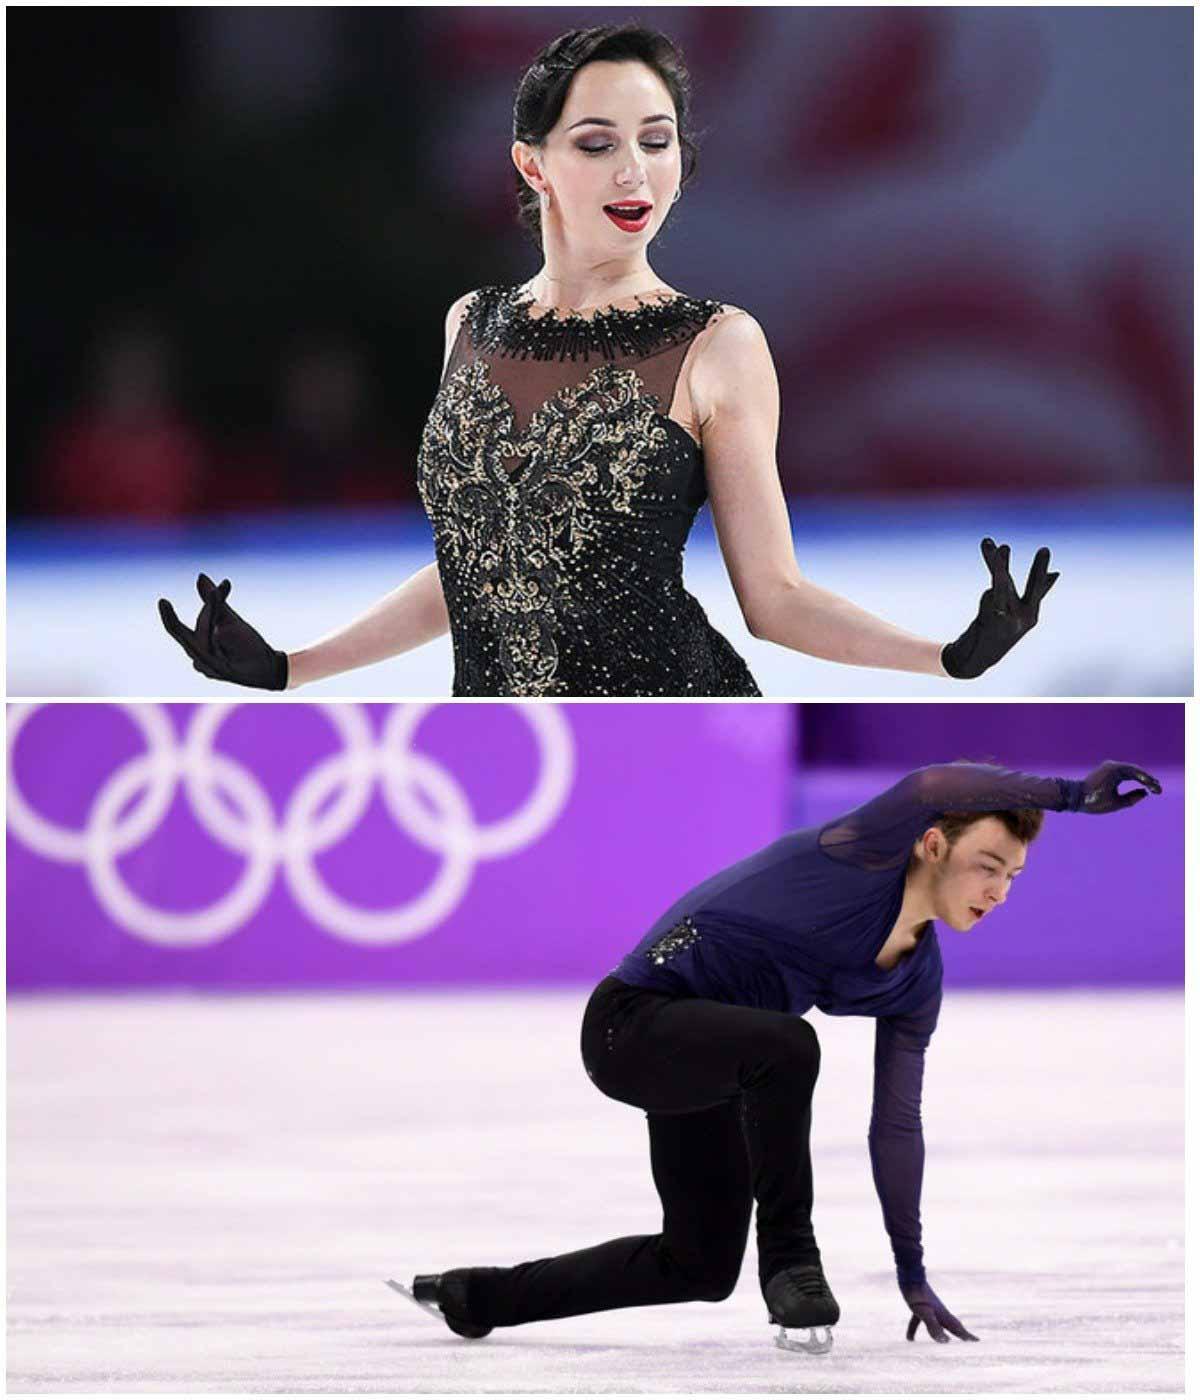 Туктамышева вынудила Алиева рискнуть провести чемпионат мира-2020 по ее шоу